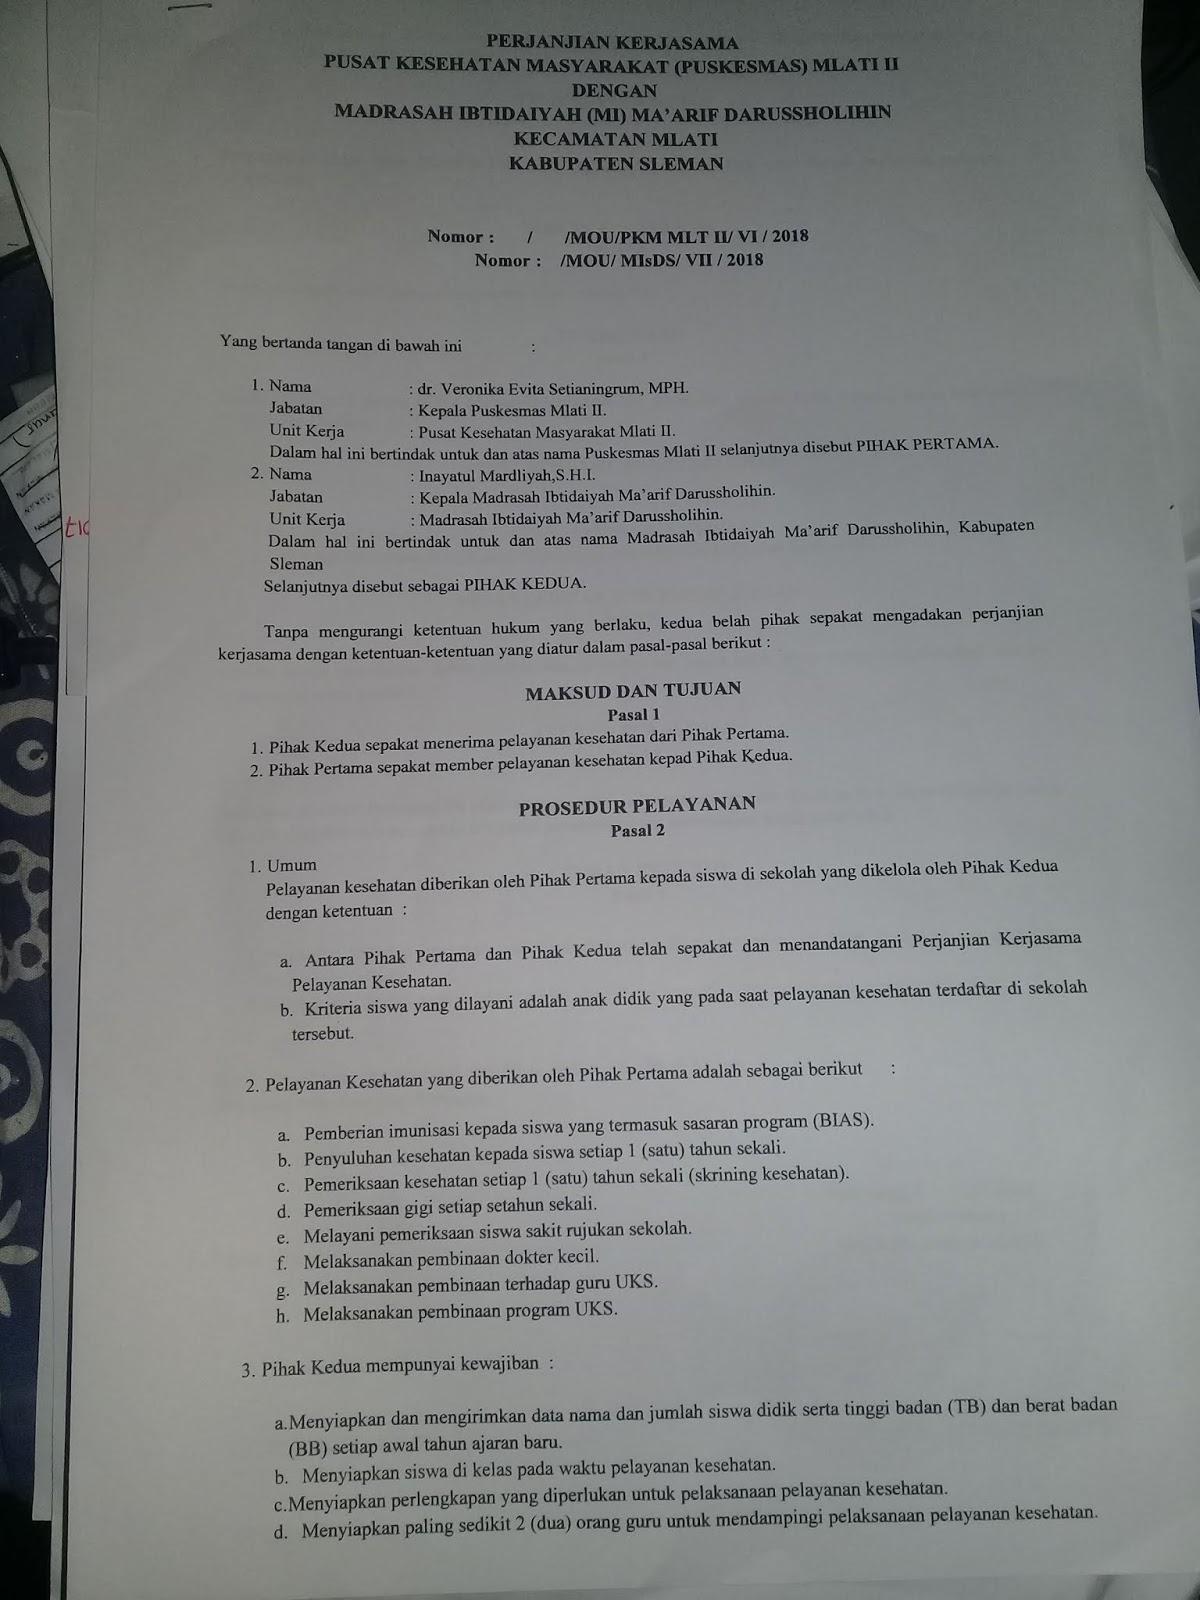 Contoh Surat Perjanjian Kerjasama Pelayanan Kesehatan Antara